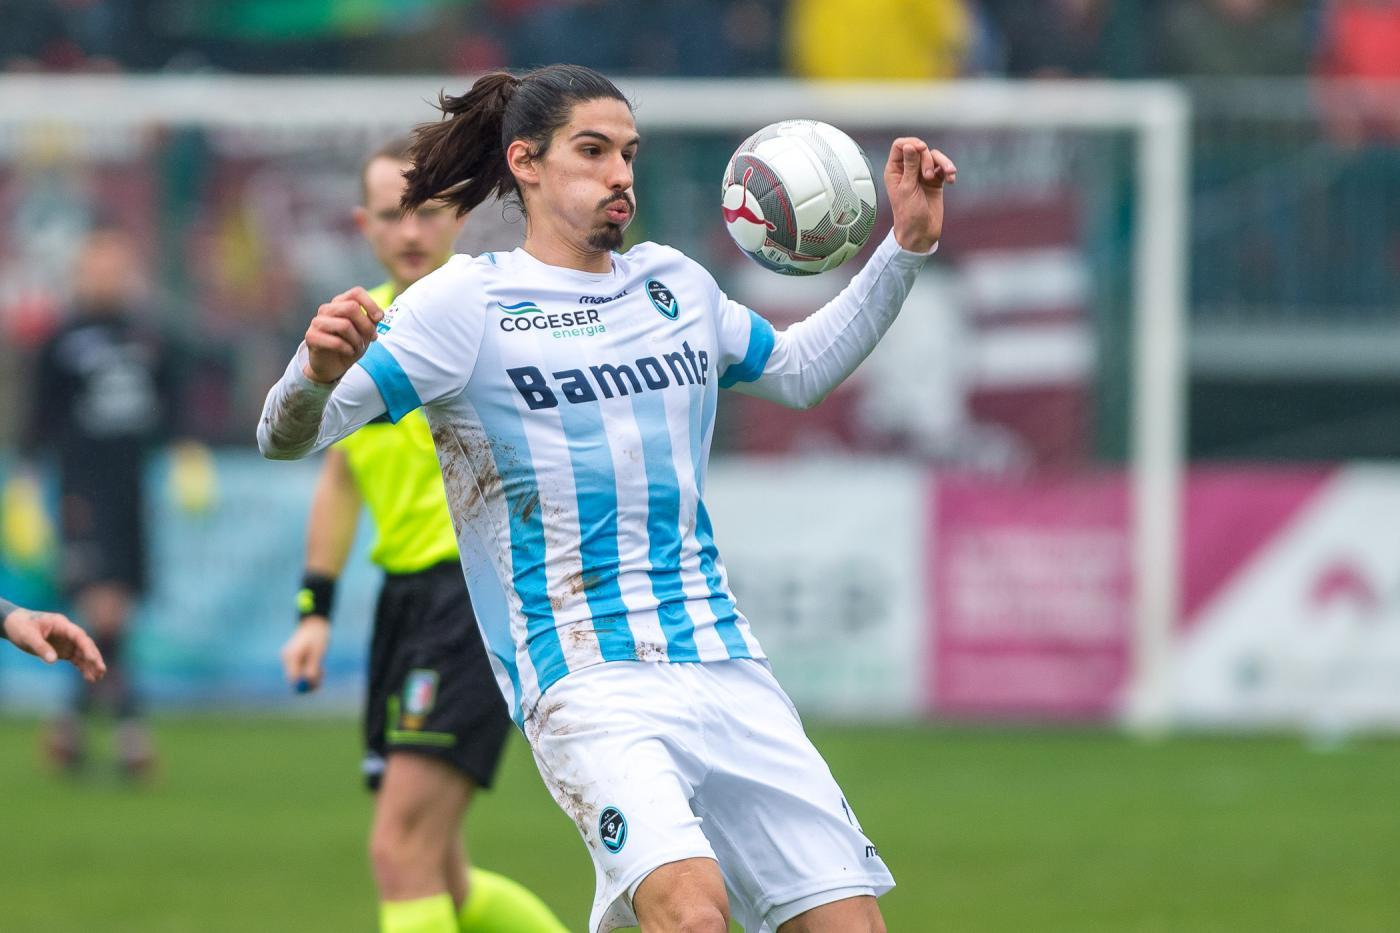 Serie C Gruppo B, Giana Erminio-Teramo: entrambe sognano la zona play off